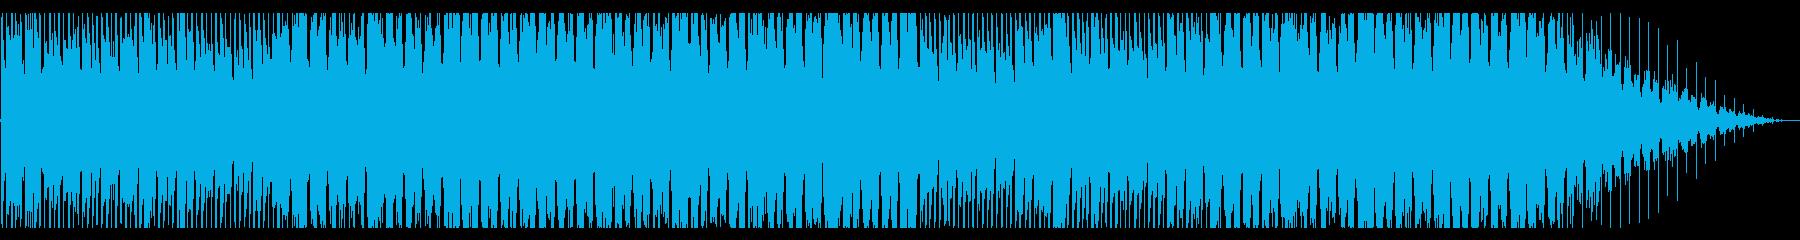 電子の世界を感じるBGMの再生済みの波形